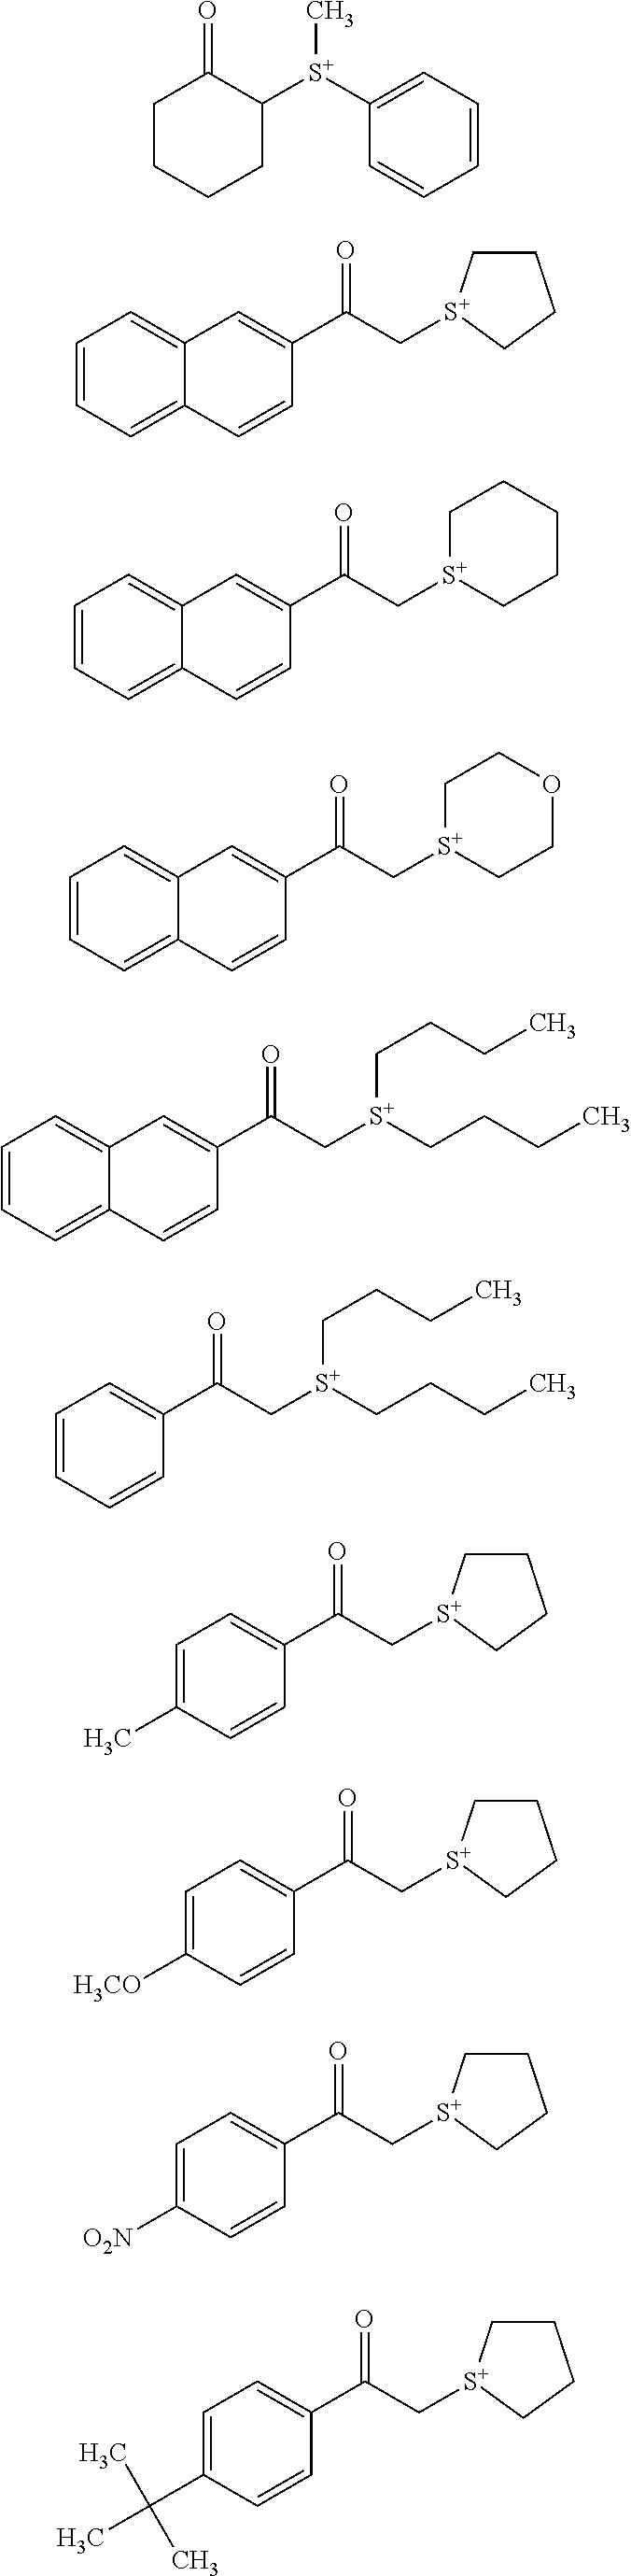 Figure US20100323296A1-20101223-C00137